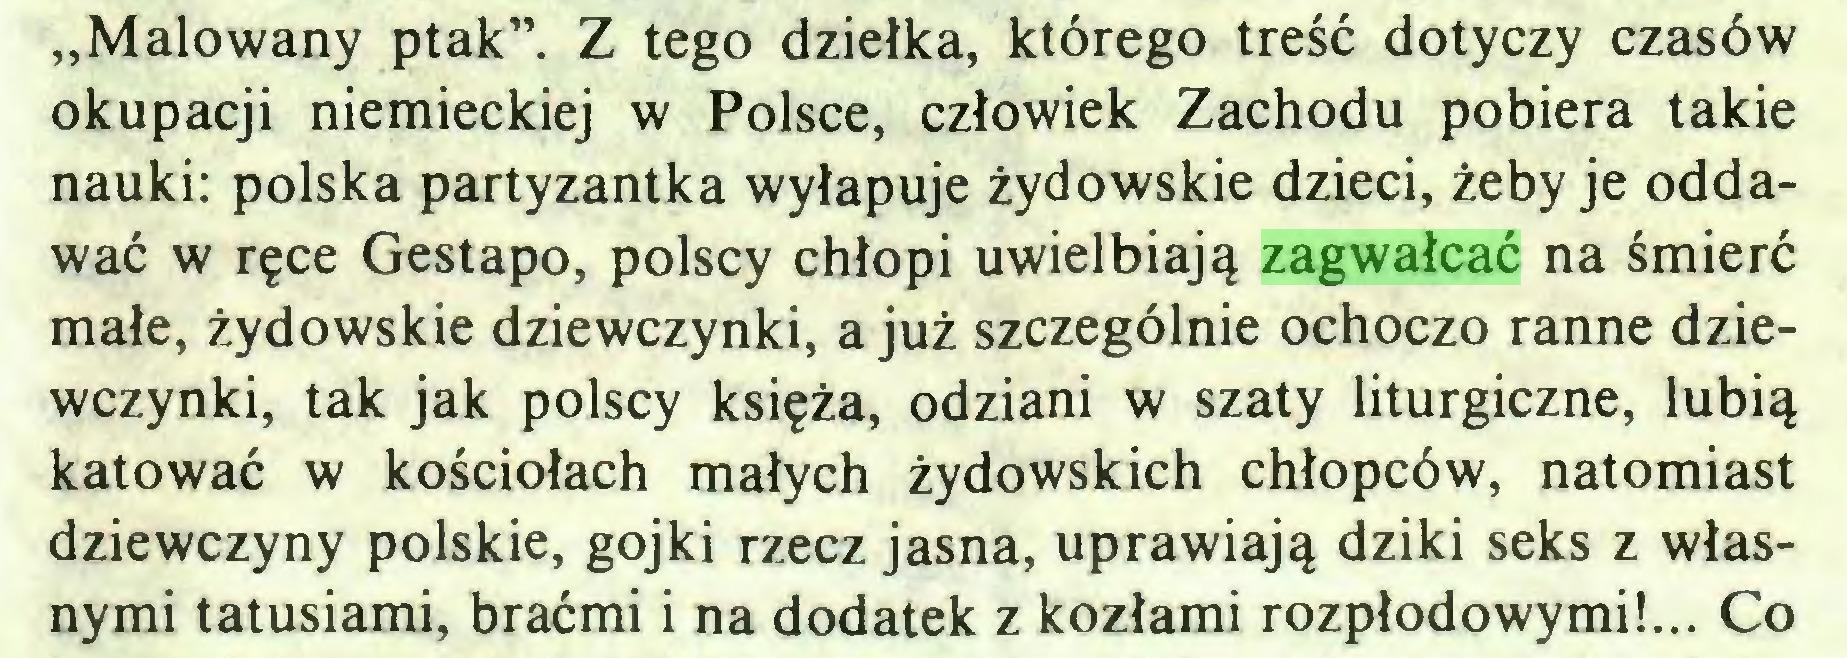 """(...) """"Malowany ptak"""". Z tego dziełka, którego treść dotyczy czasów okupacji niemieckiej w Polsce, człowiek Zachodu pobiera takie nauki: polska partyzantka wyłapuje żydowskie dzieci, żeby je oddawać w ręce Gestapo, polscy chłopi uwielbiają zagwałcać na śmierć małe, żydowskie dziewczynki, a już szczególnie ochoczo ranne dziewczynki, tak jak polscy księża, odziani w szaty liturgiczne, lubią katować w kościołach małych żydowskich chłopców, natomiast dziewczyny polskie, gojki rzecz jasna, uprawiają dziki seks z własnymi tatusiami, braćmi i na dodatek z kozłami rozpłodowymi!... Co..."""